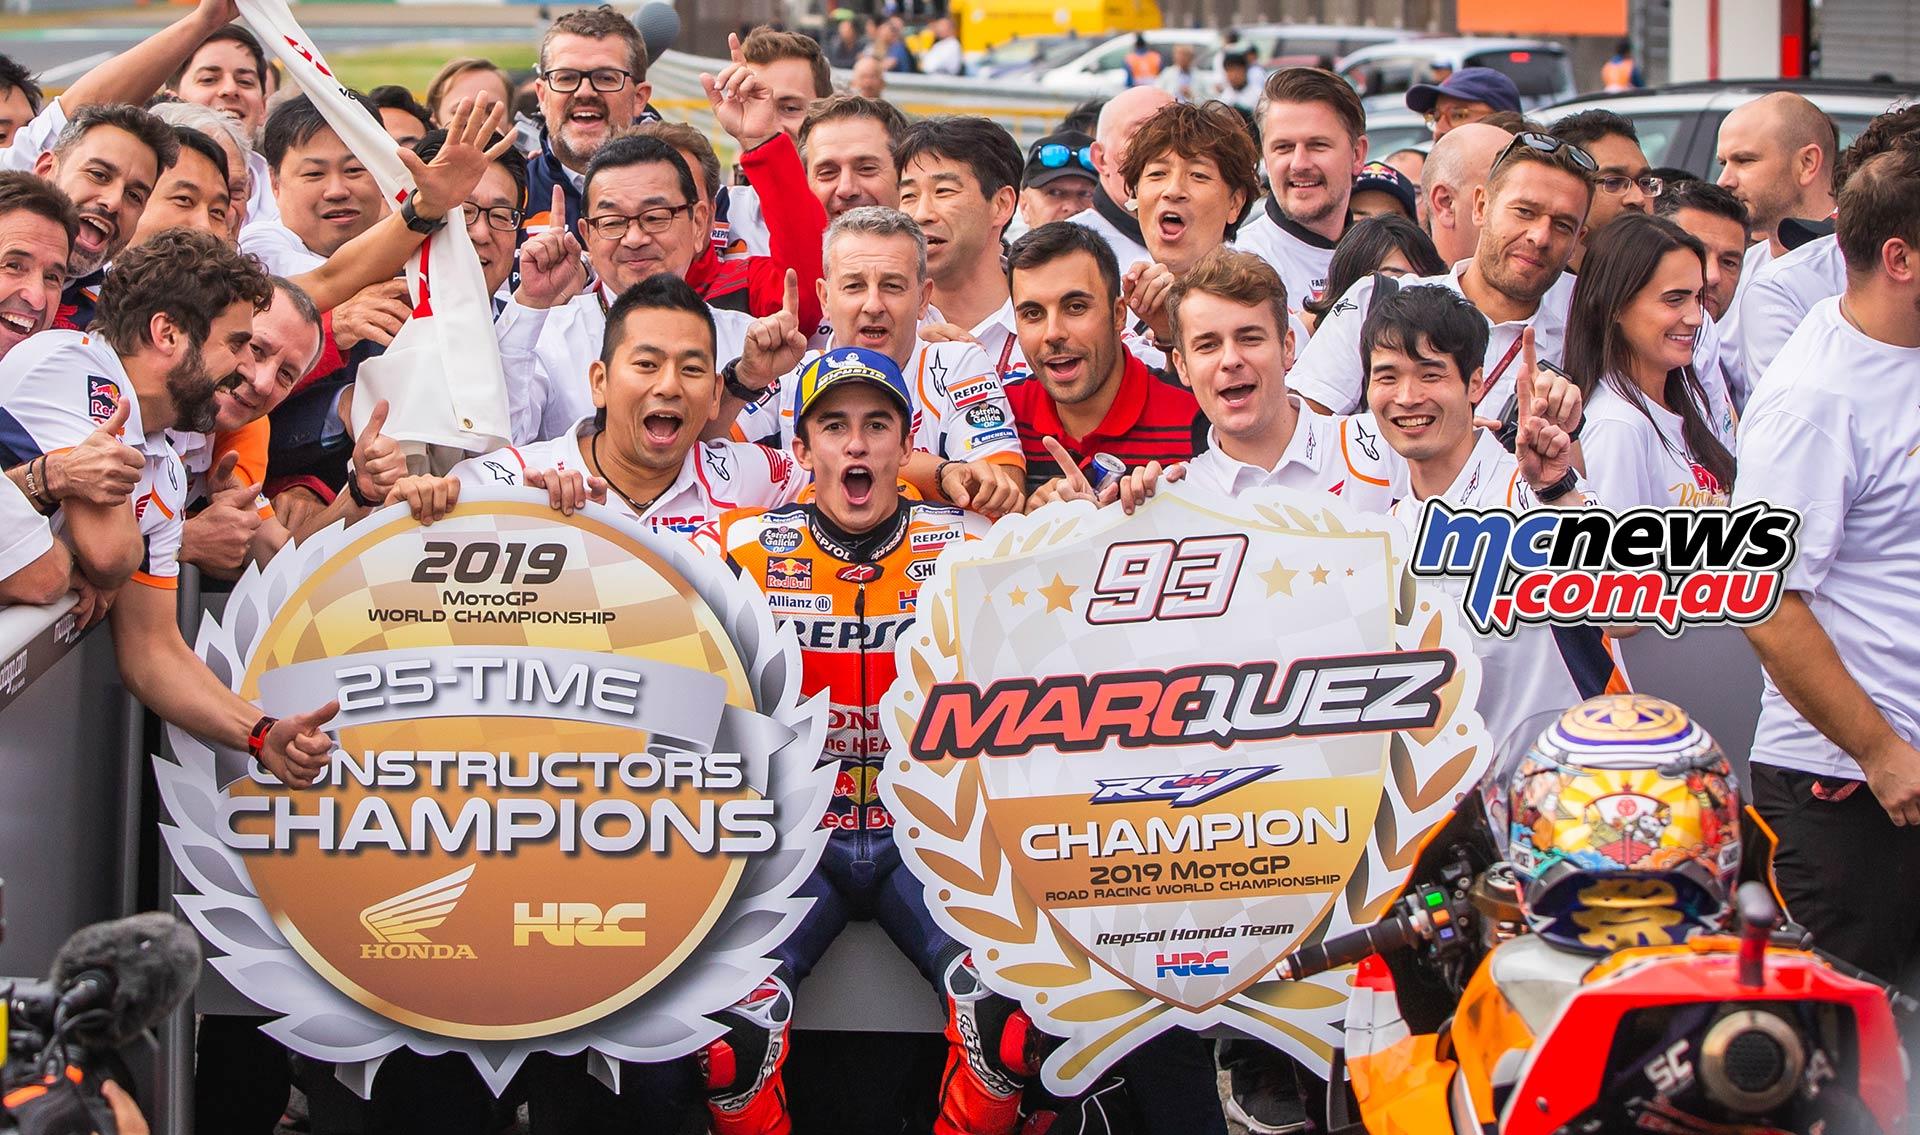 MotoGP Motegi Honda Marquez Celebrate